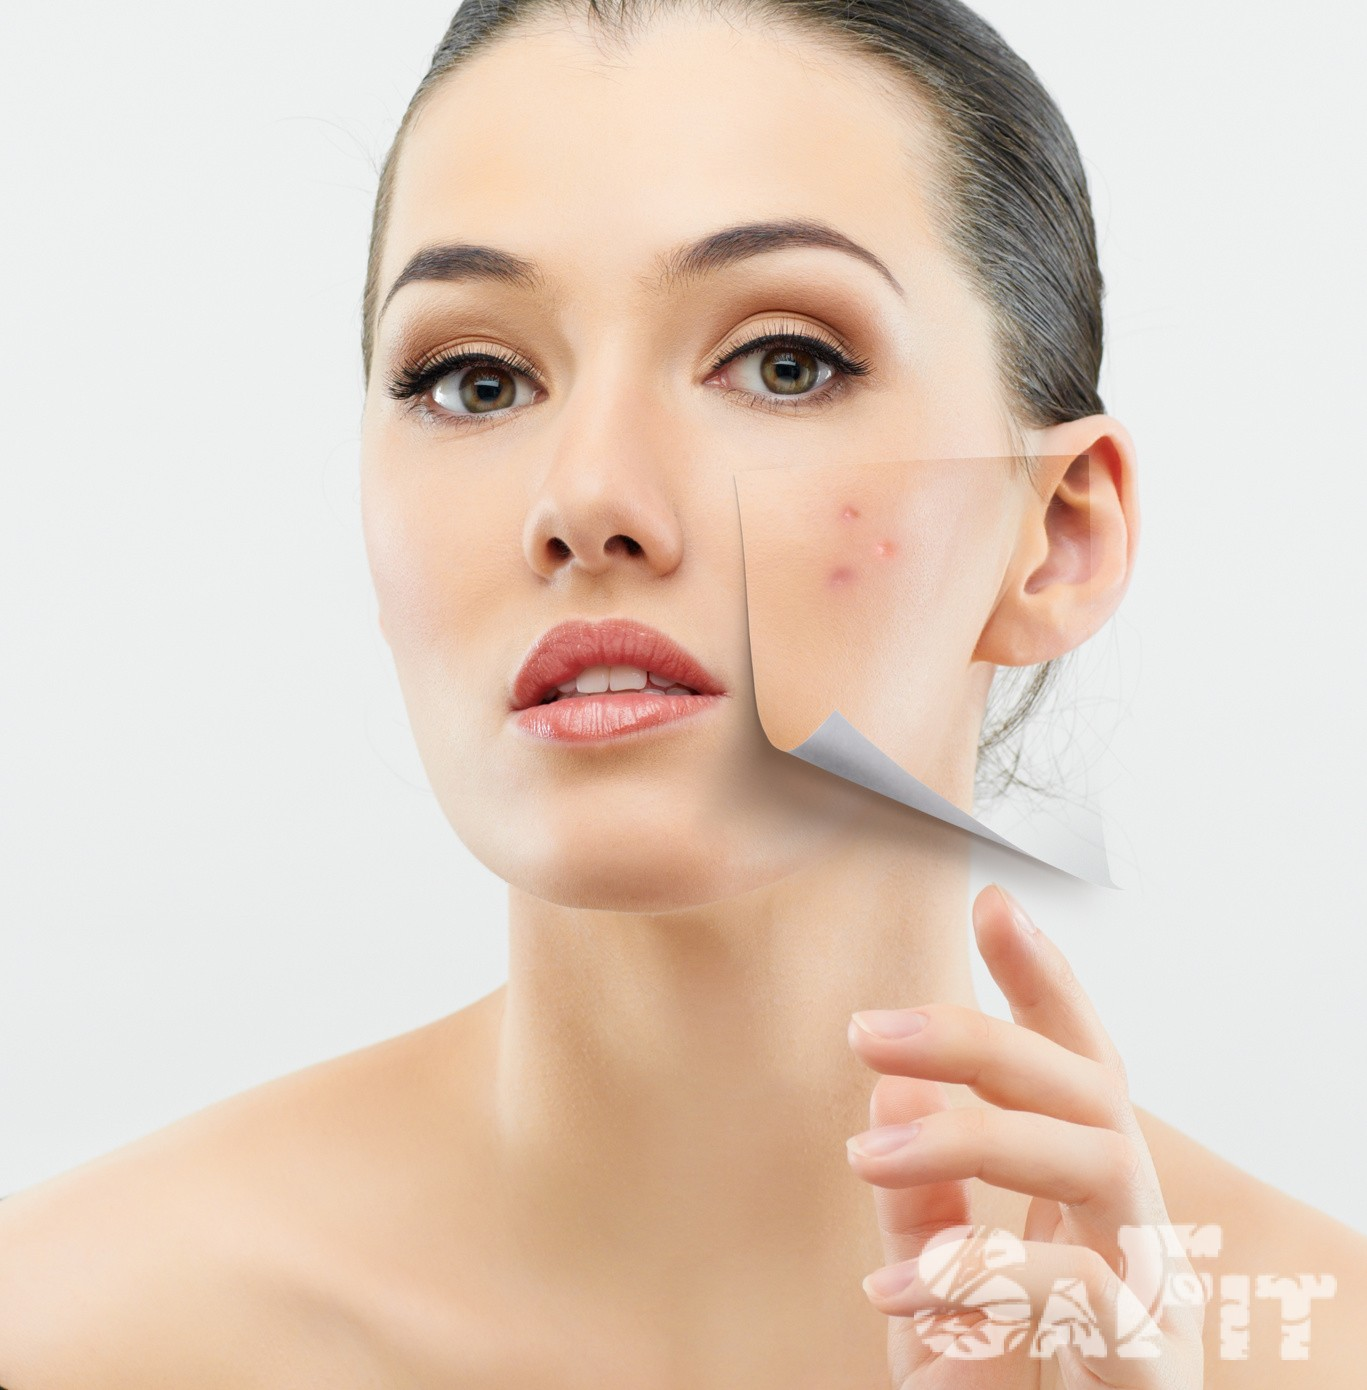 Лечение акне в косметическом солоне УЛазерная косметология Улица 2-я Чапаева Чебоксары